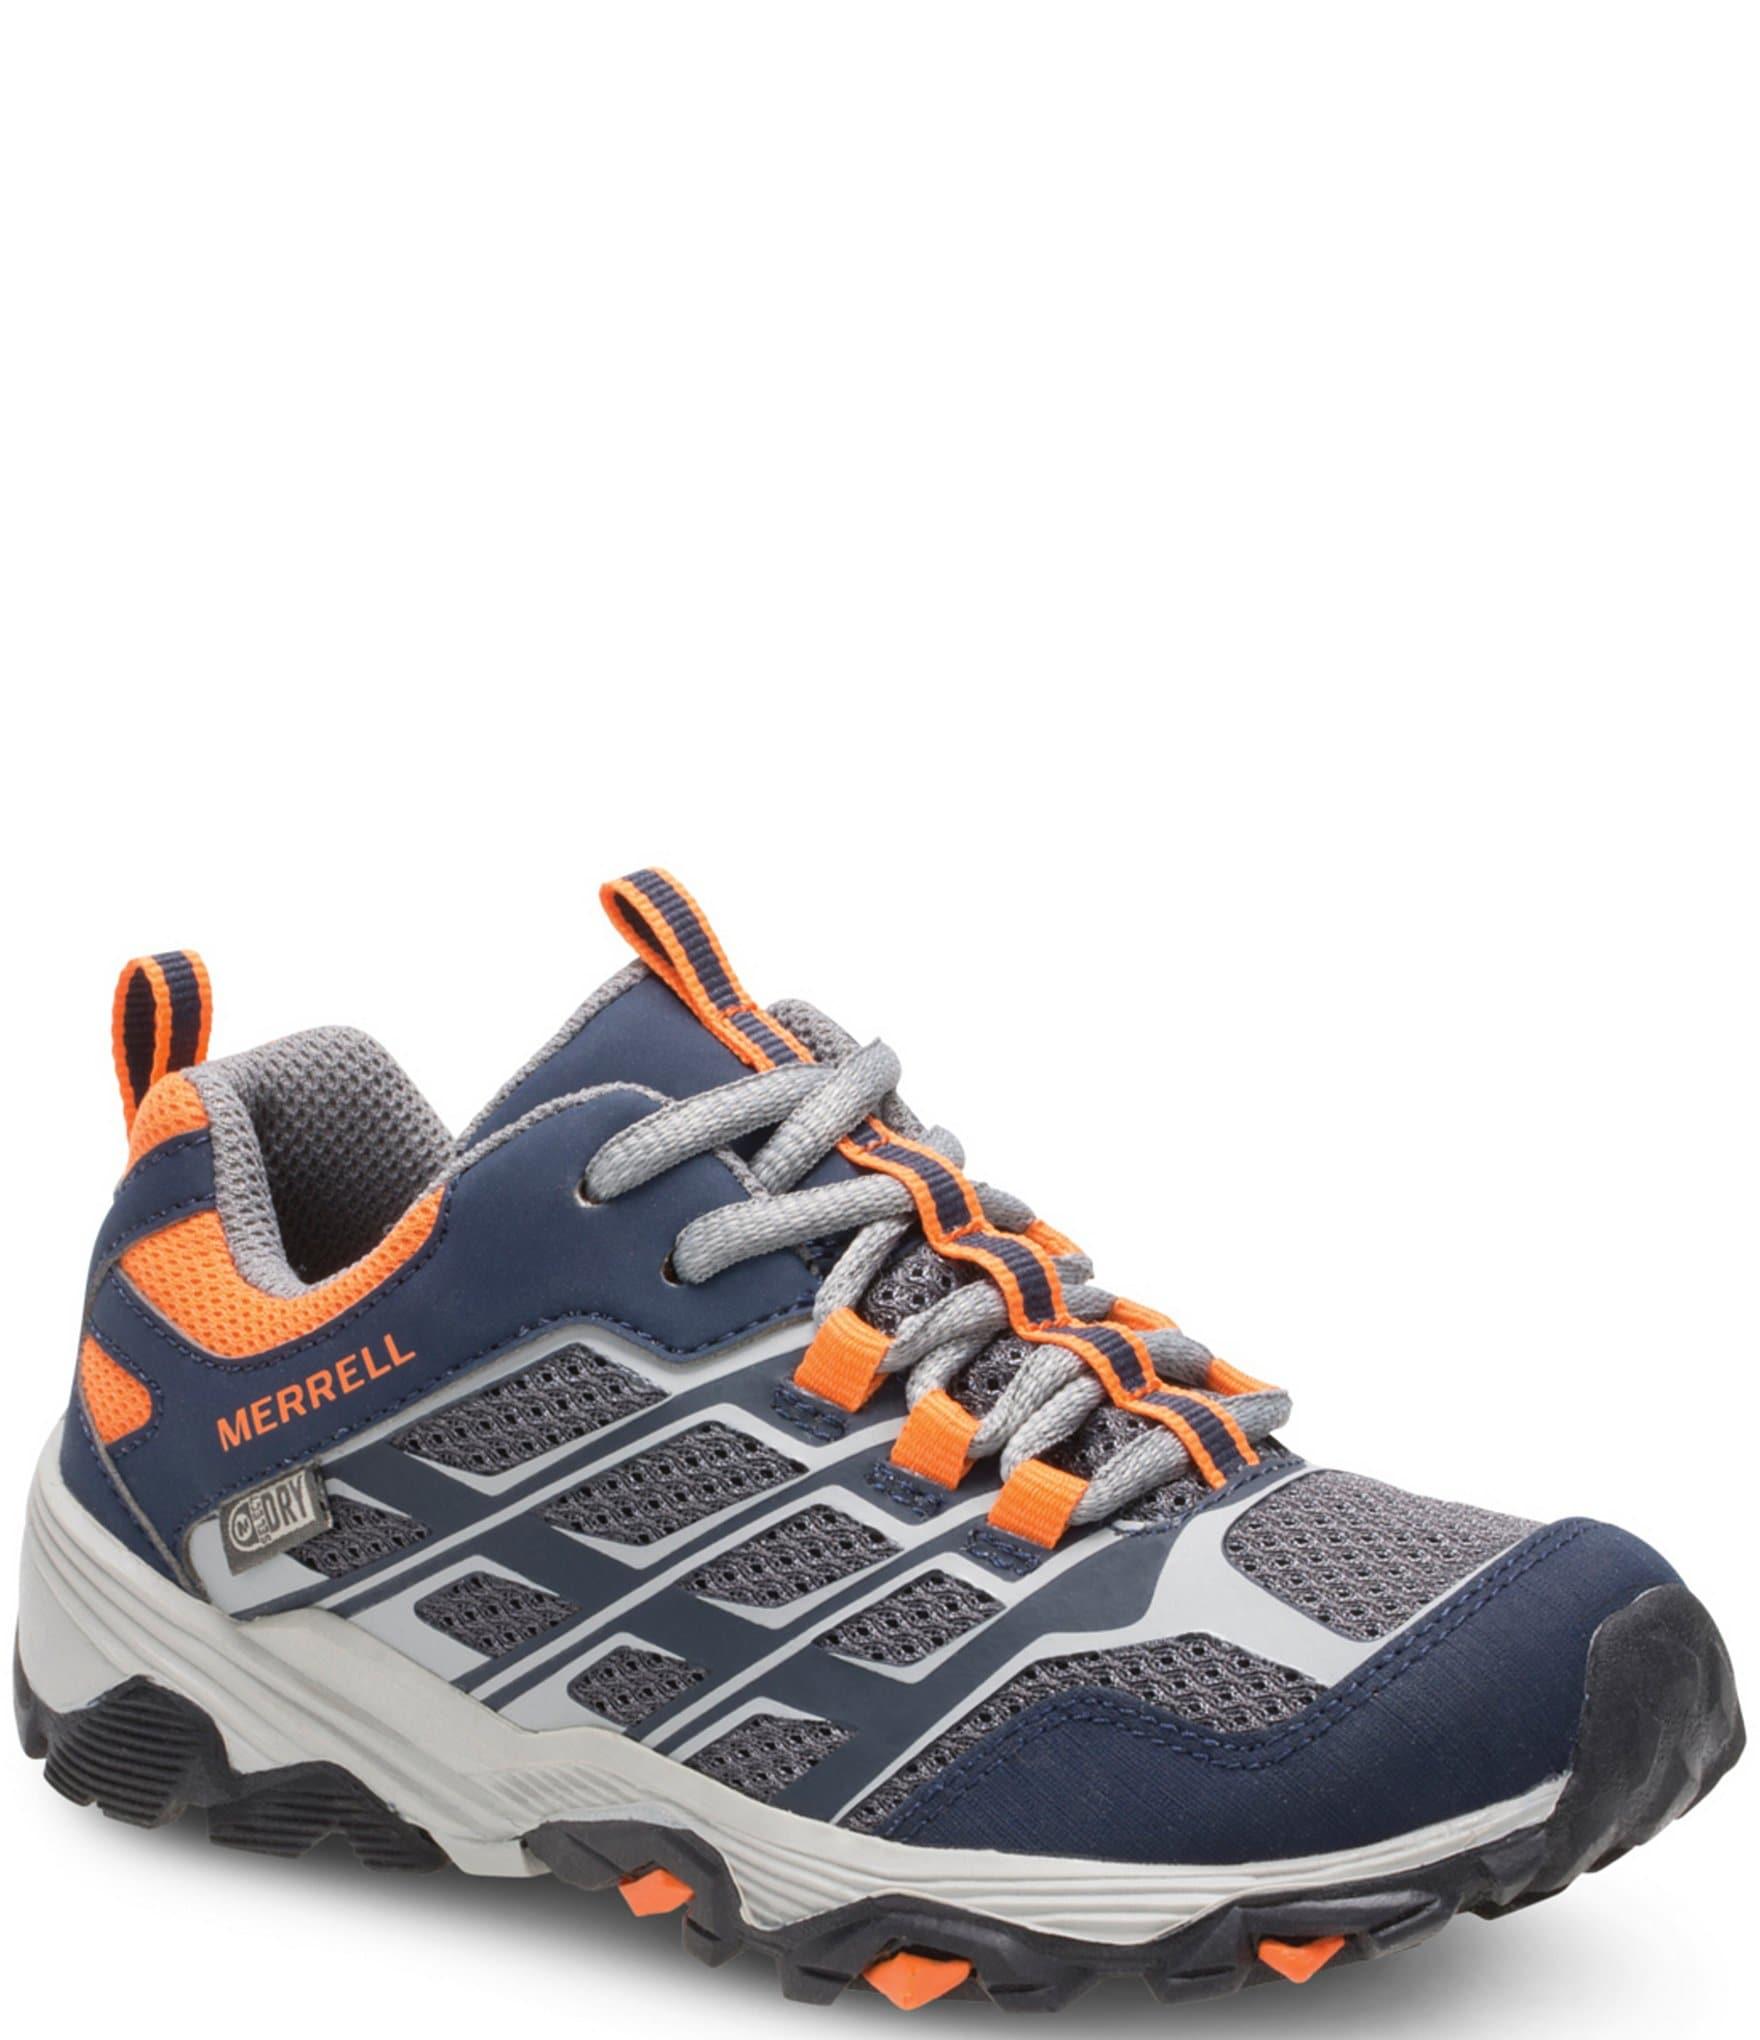 8615a3cf966 Merrell Boys' Moab Low Waterproof Sneaker